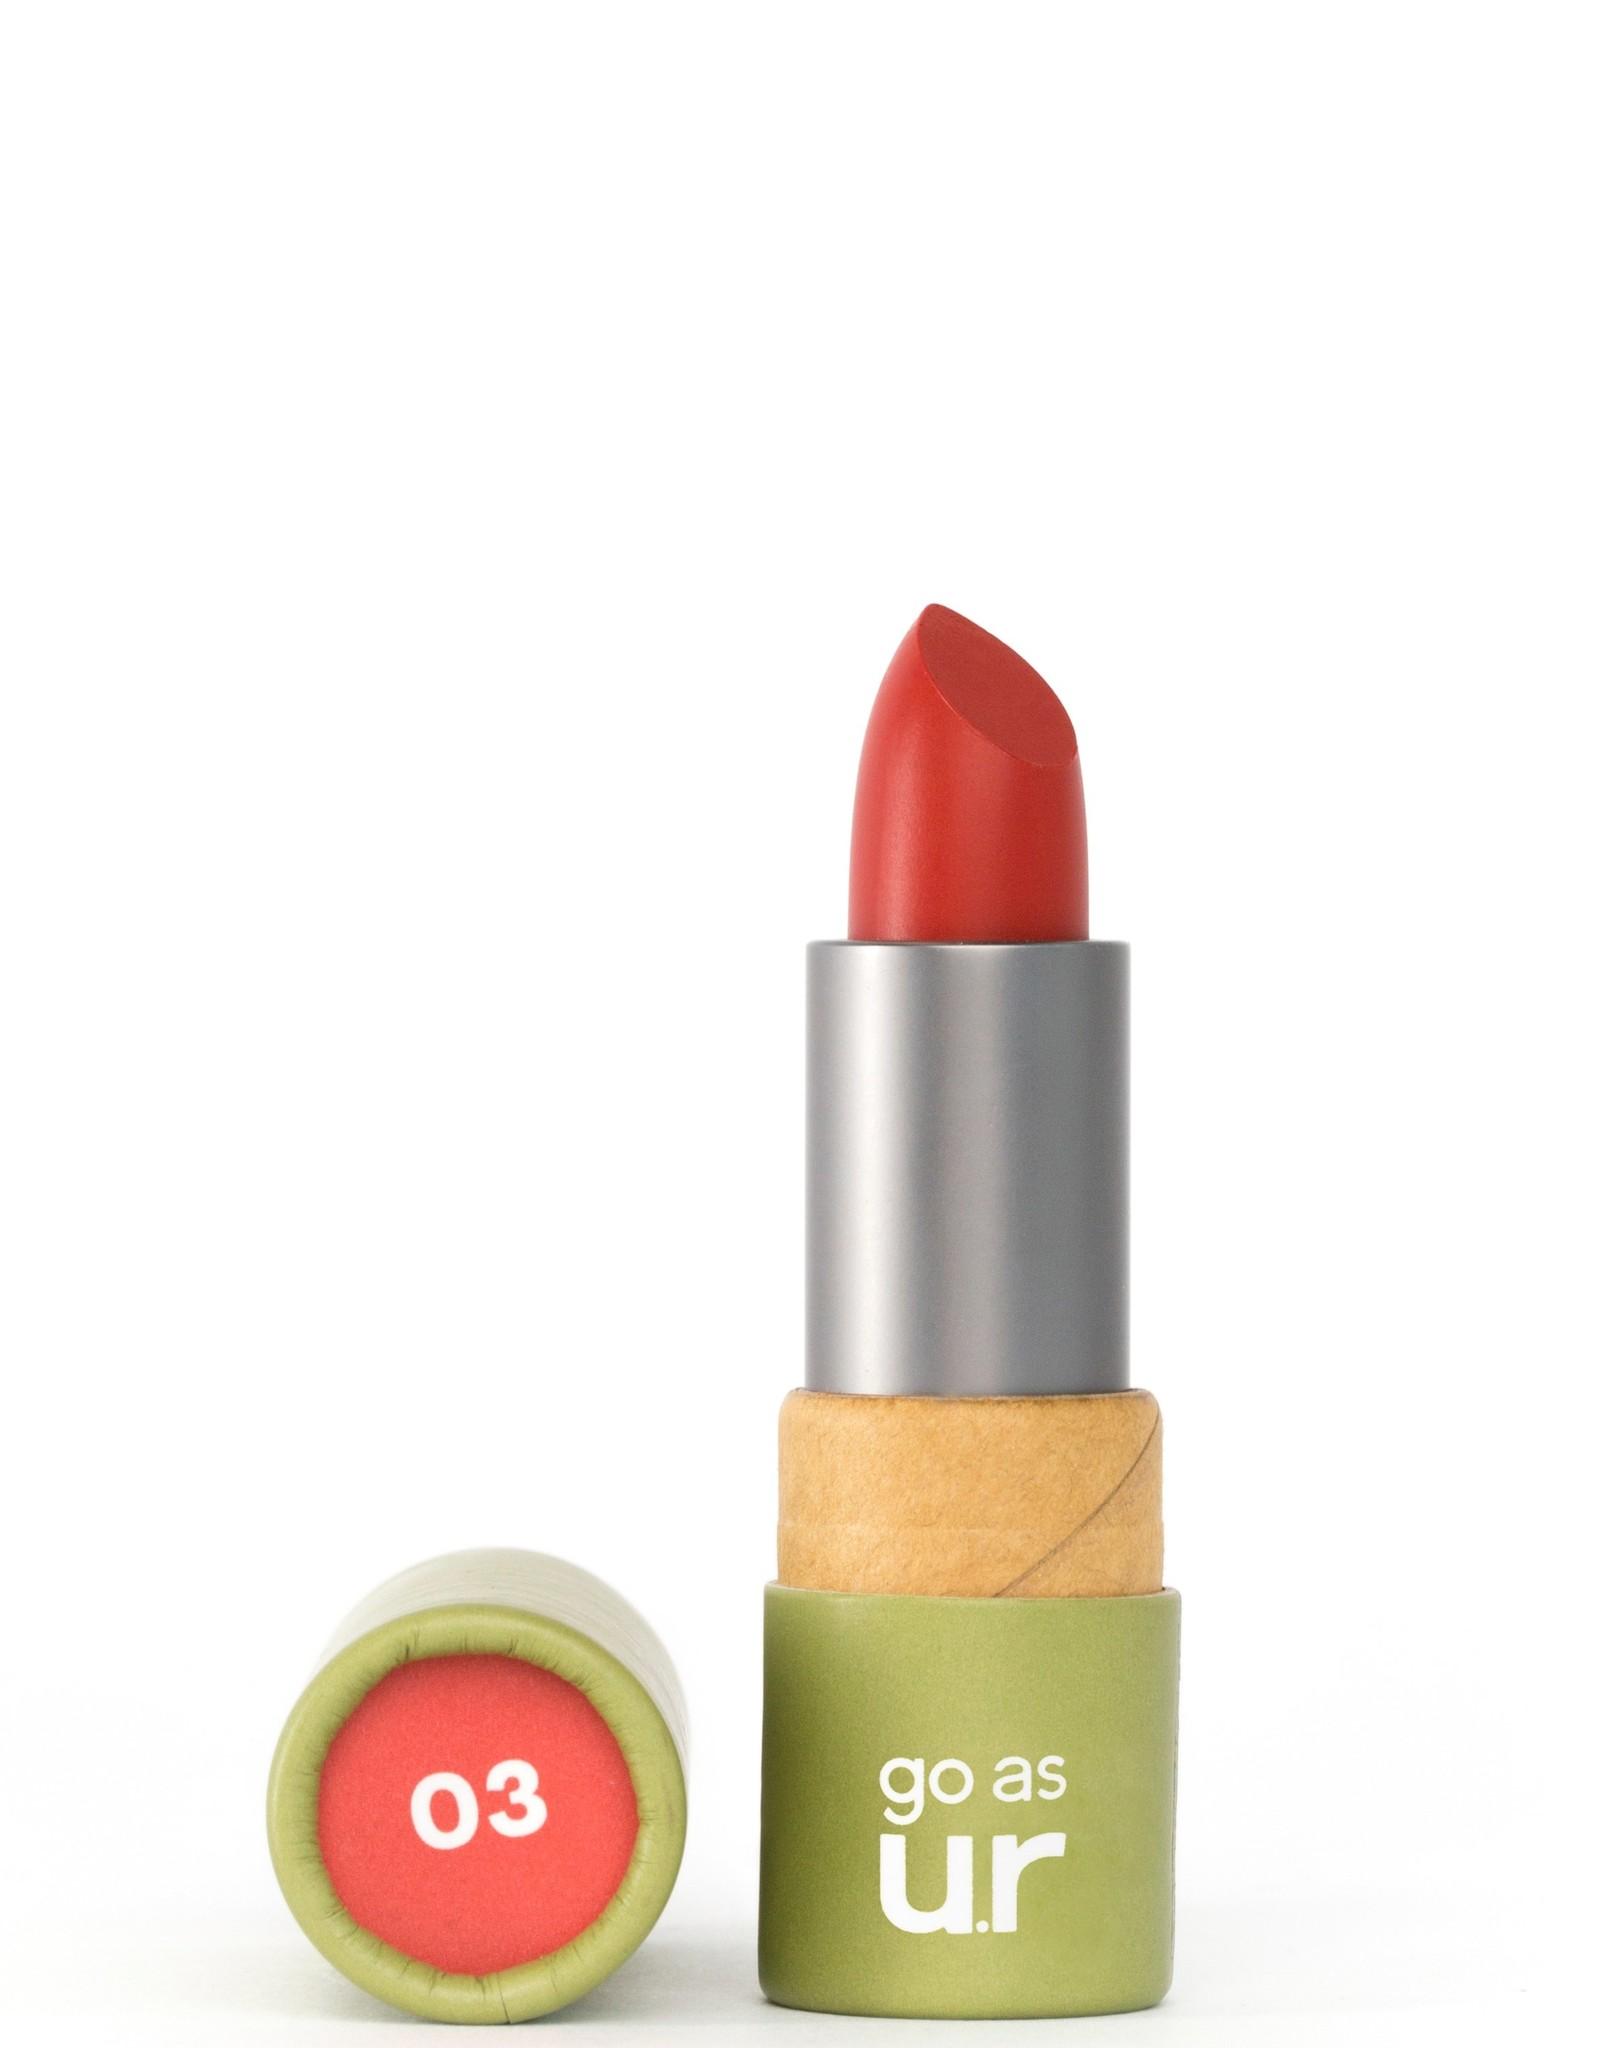 Go as ur Vegan Lipstick Rebellious Red